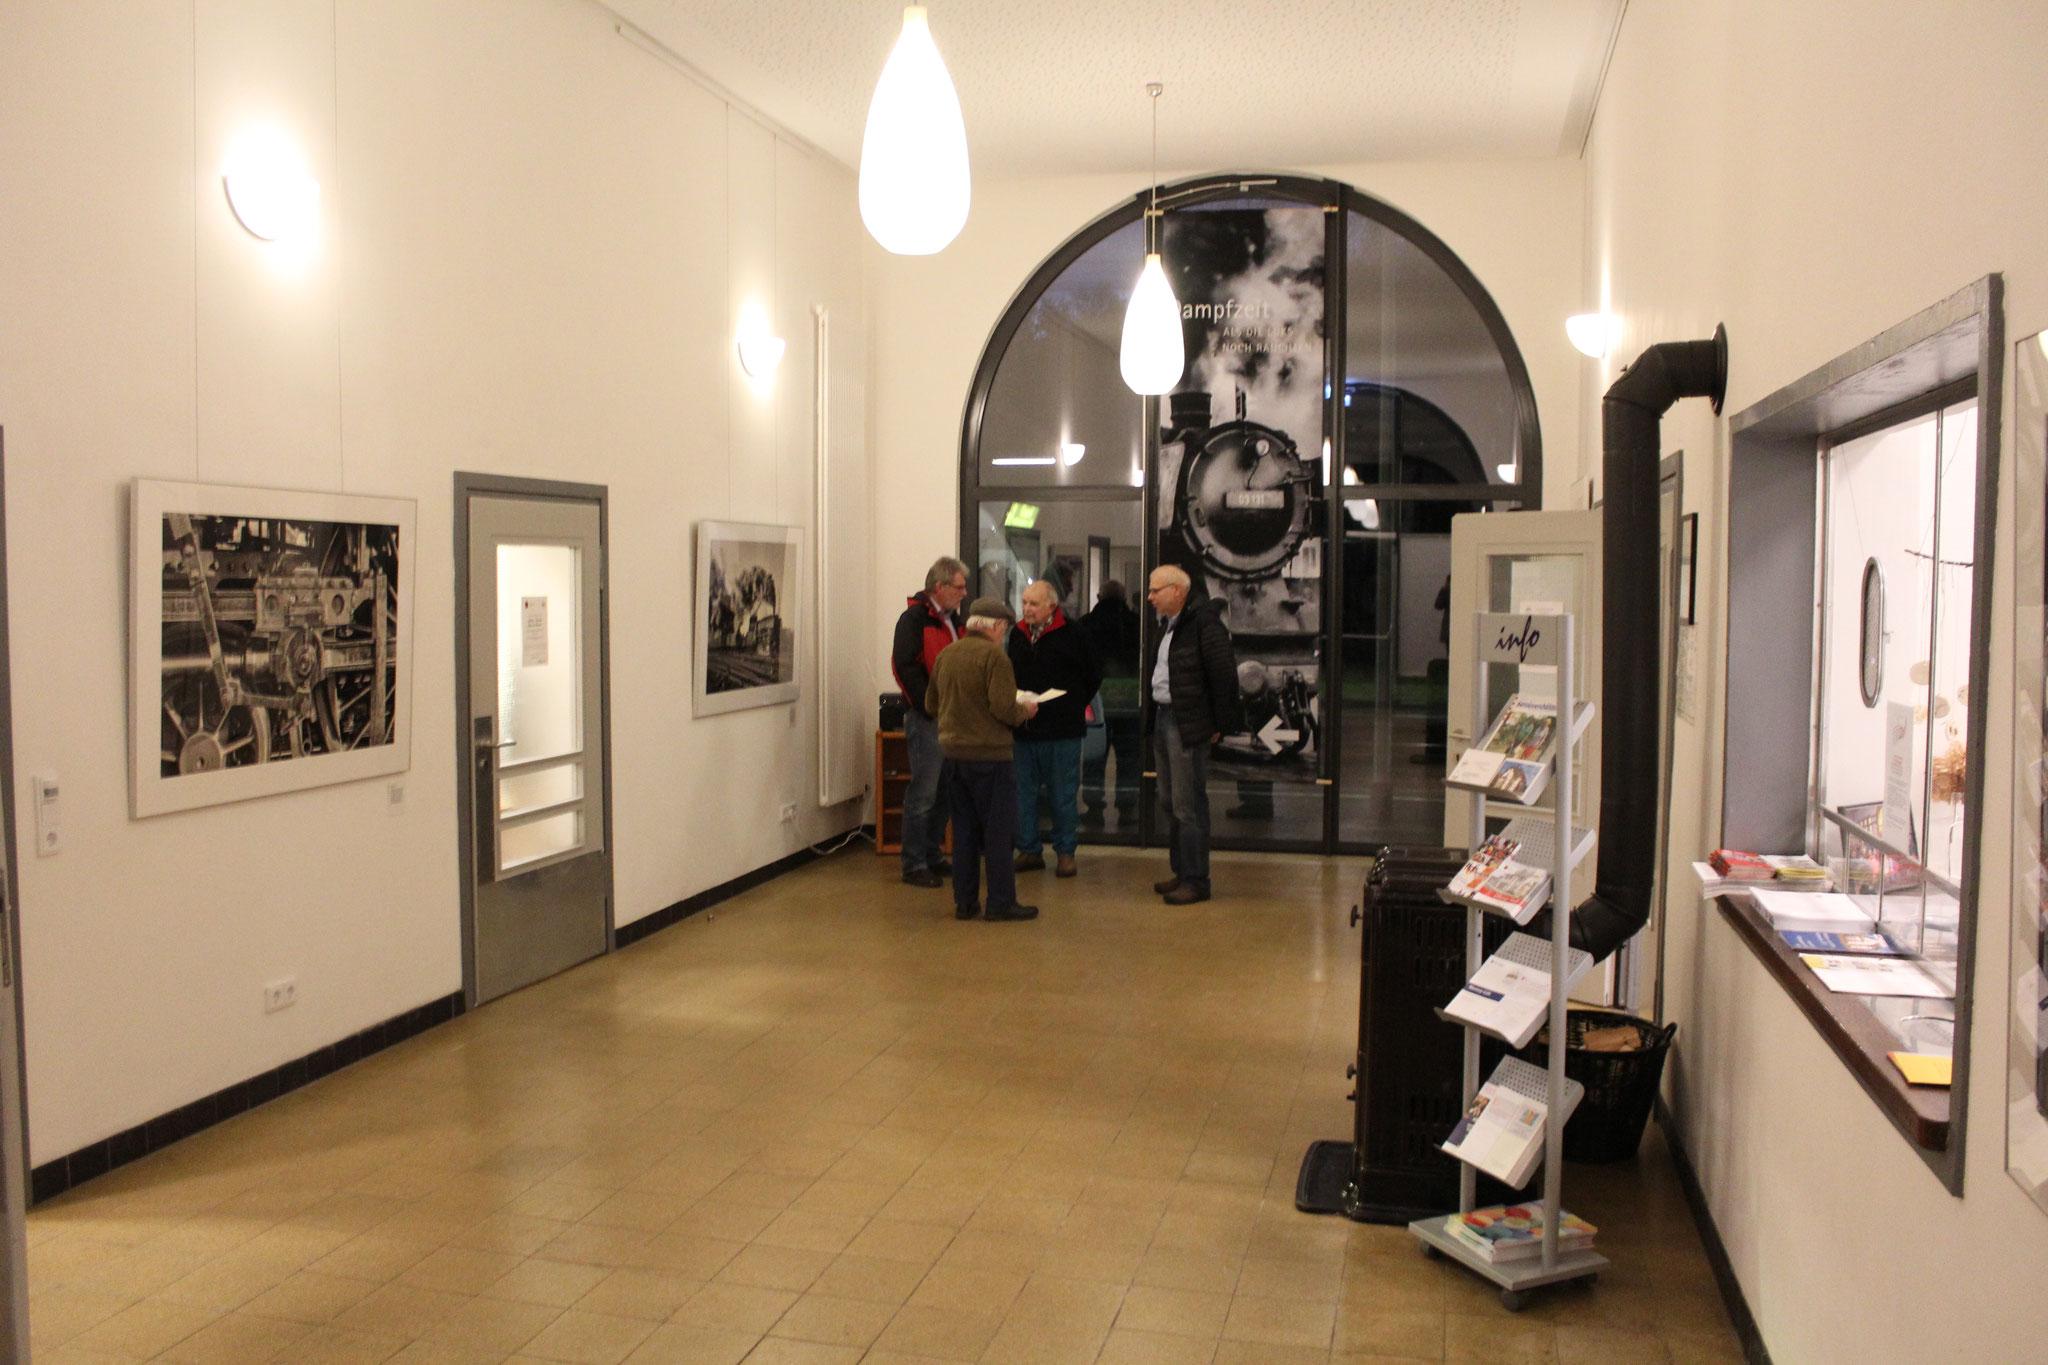 Besonderes beeindruckend sind die großformatigen Bilder im Foyer des Generationenhauses.